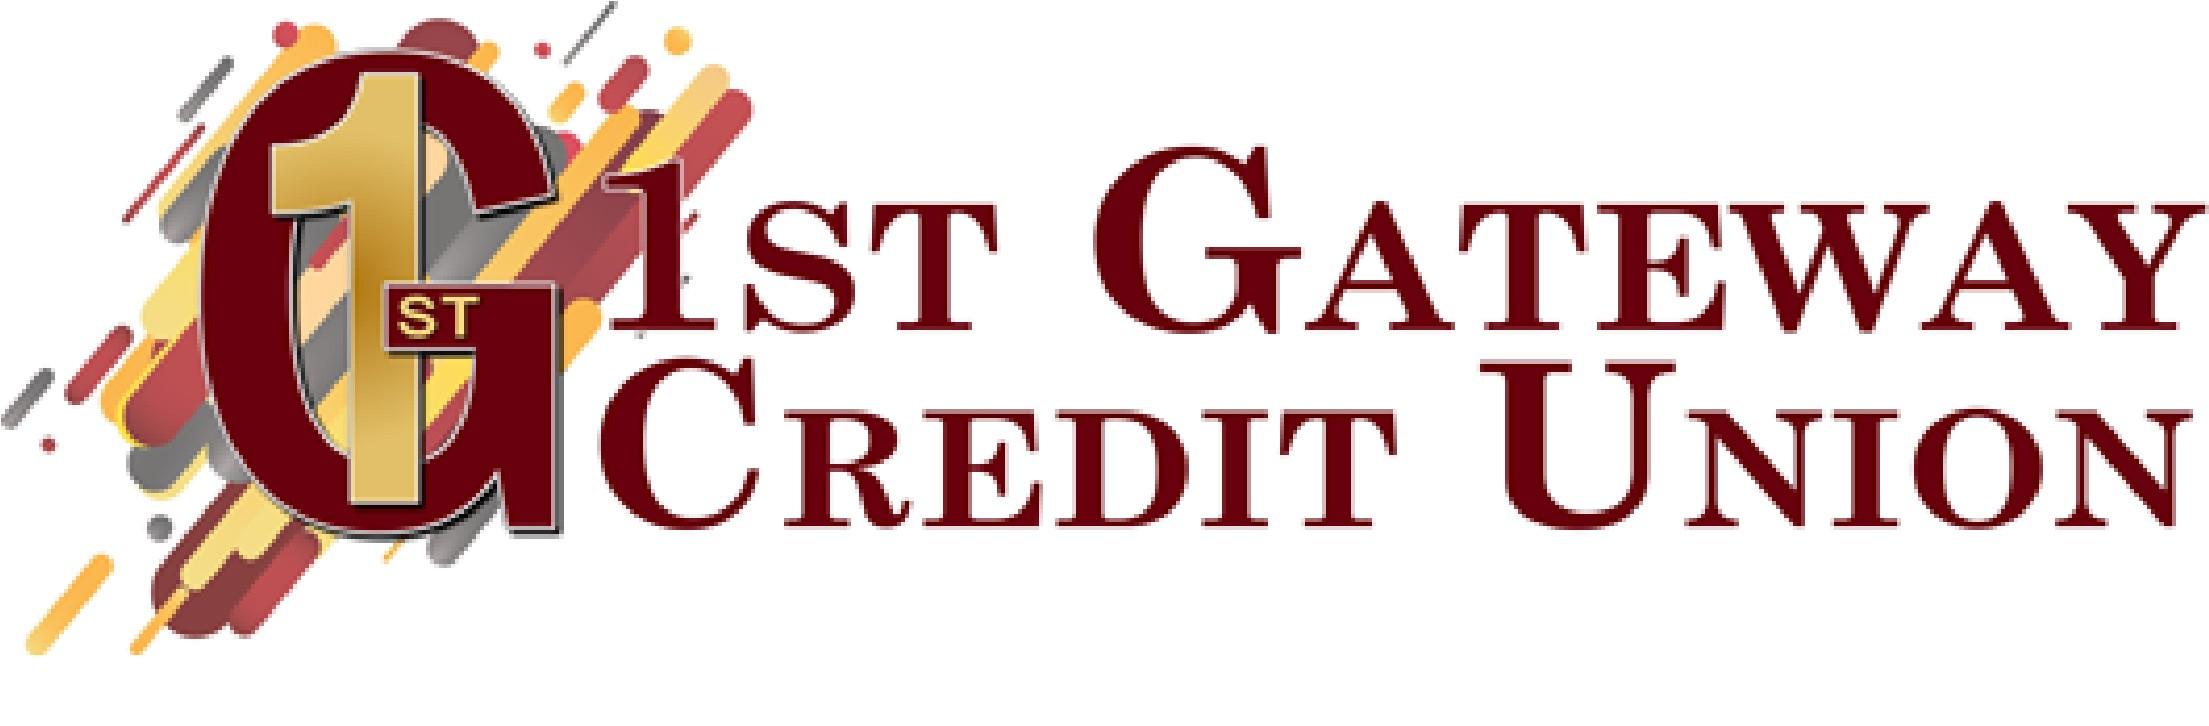 1st. Gateway Credit Union Joins CUAC